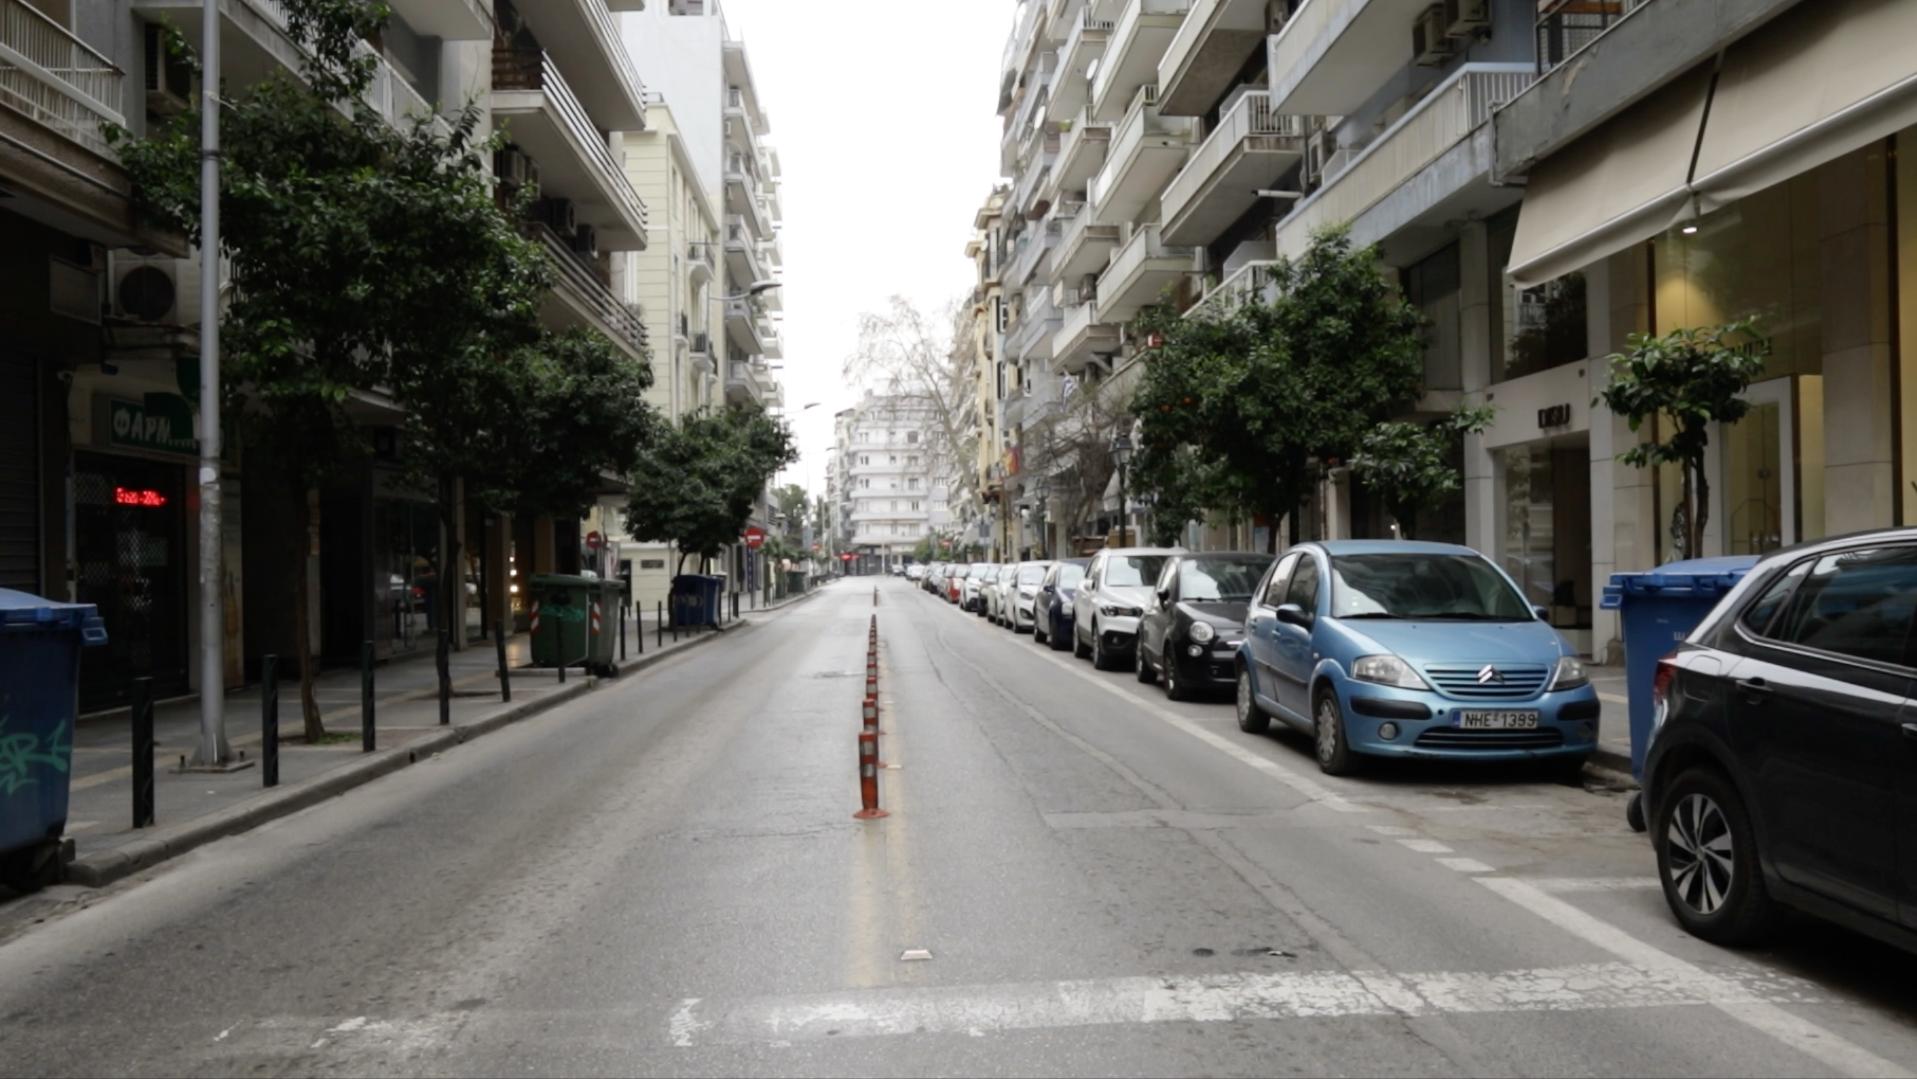 Απαγόρευση της κυκλοφορίας ανακοίνωσε η κυβέρνηση-Πώς θα εφαρμοστεί το μέτρο